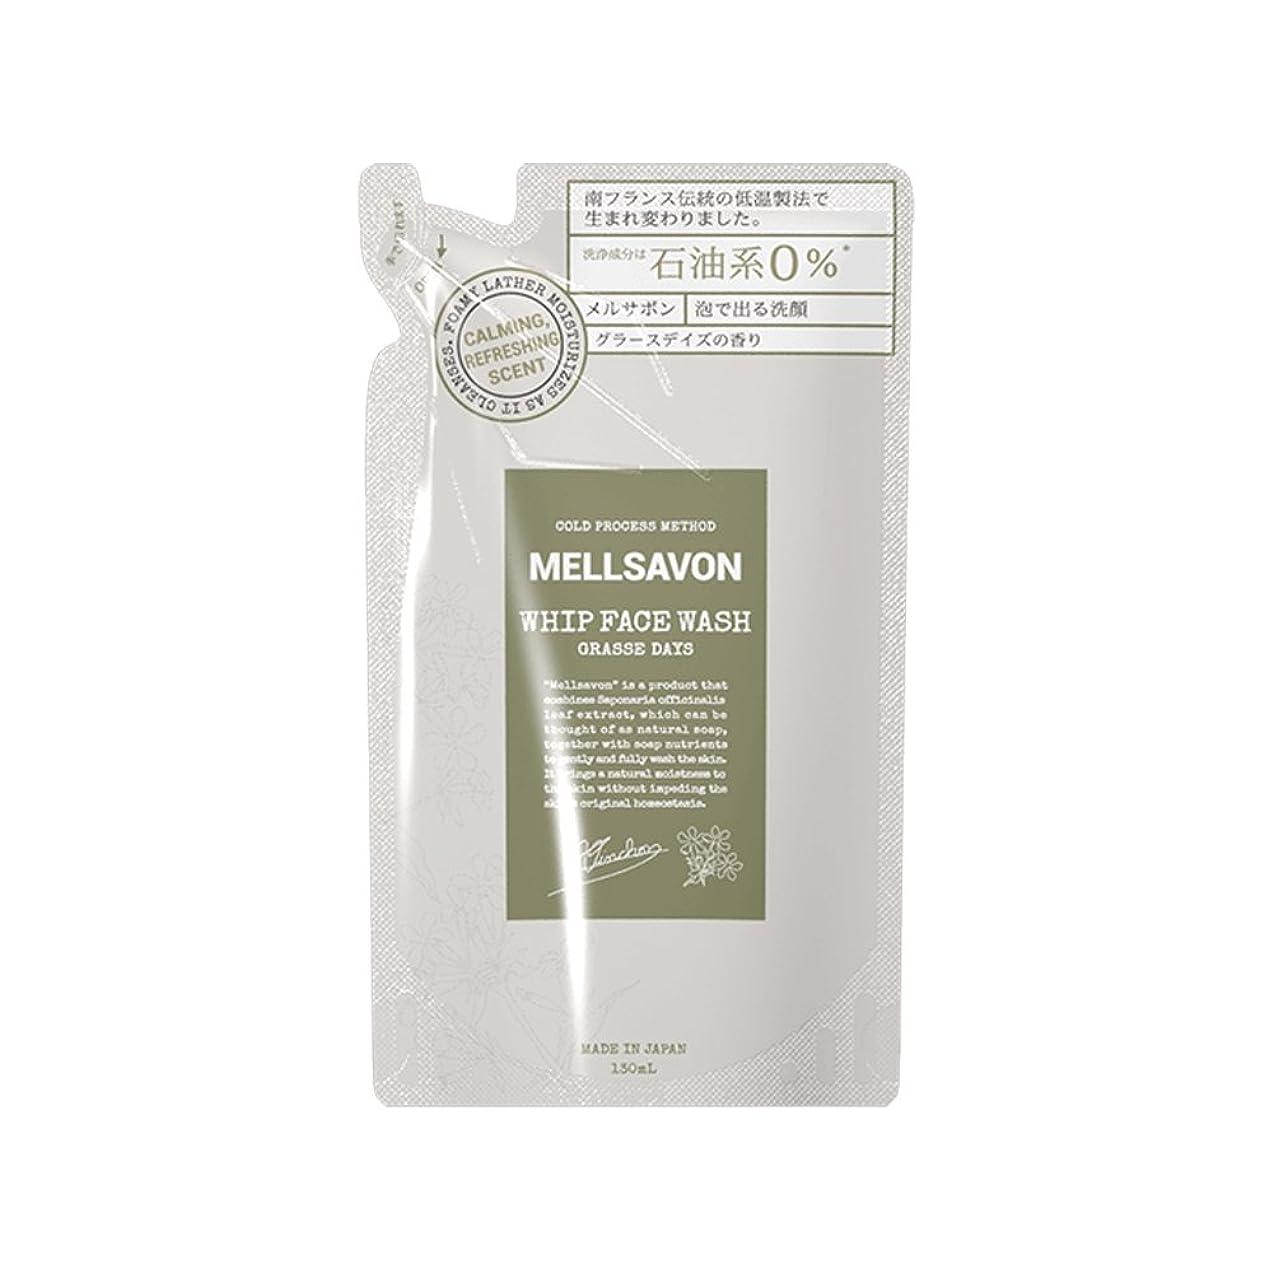 ドリルむさぼり食う合図Mellsavon(メルサボン) メルサボン ホイップフェイスウォッシュ グラースデイズ 詰替 130mL 洗顔